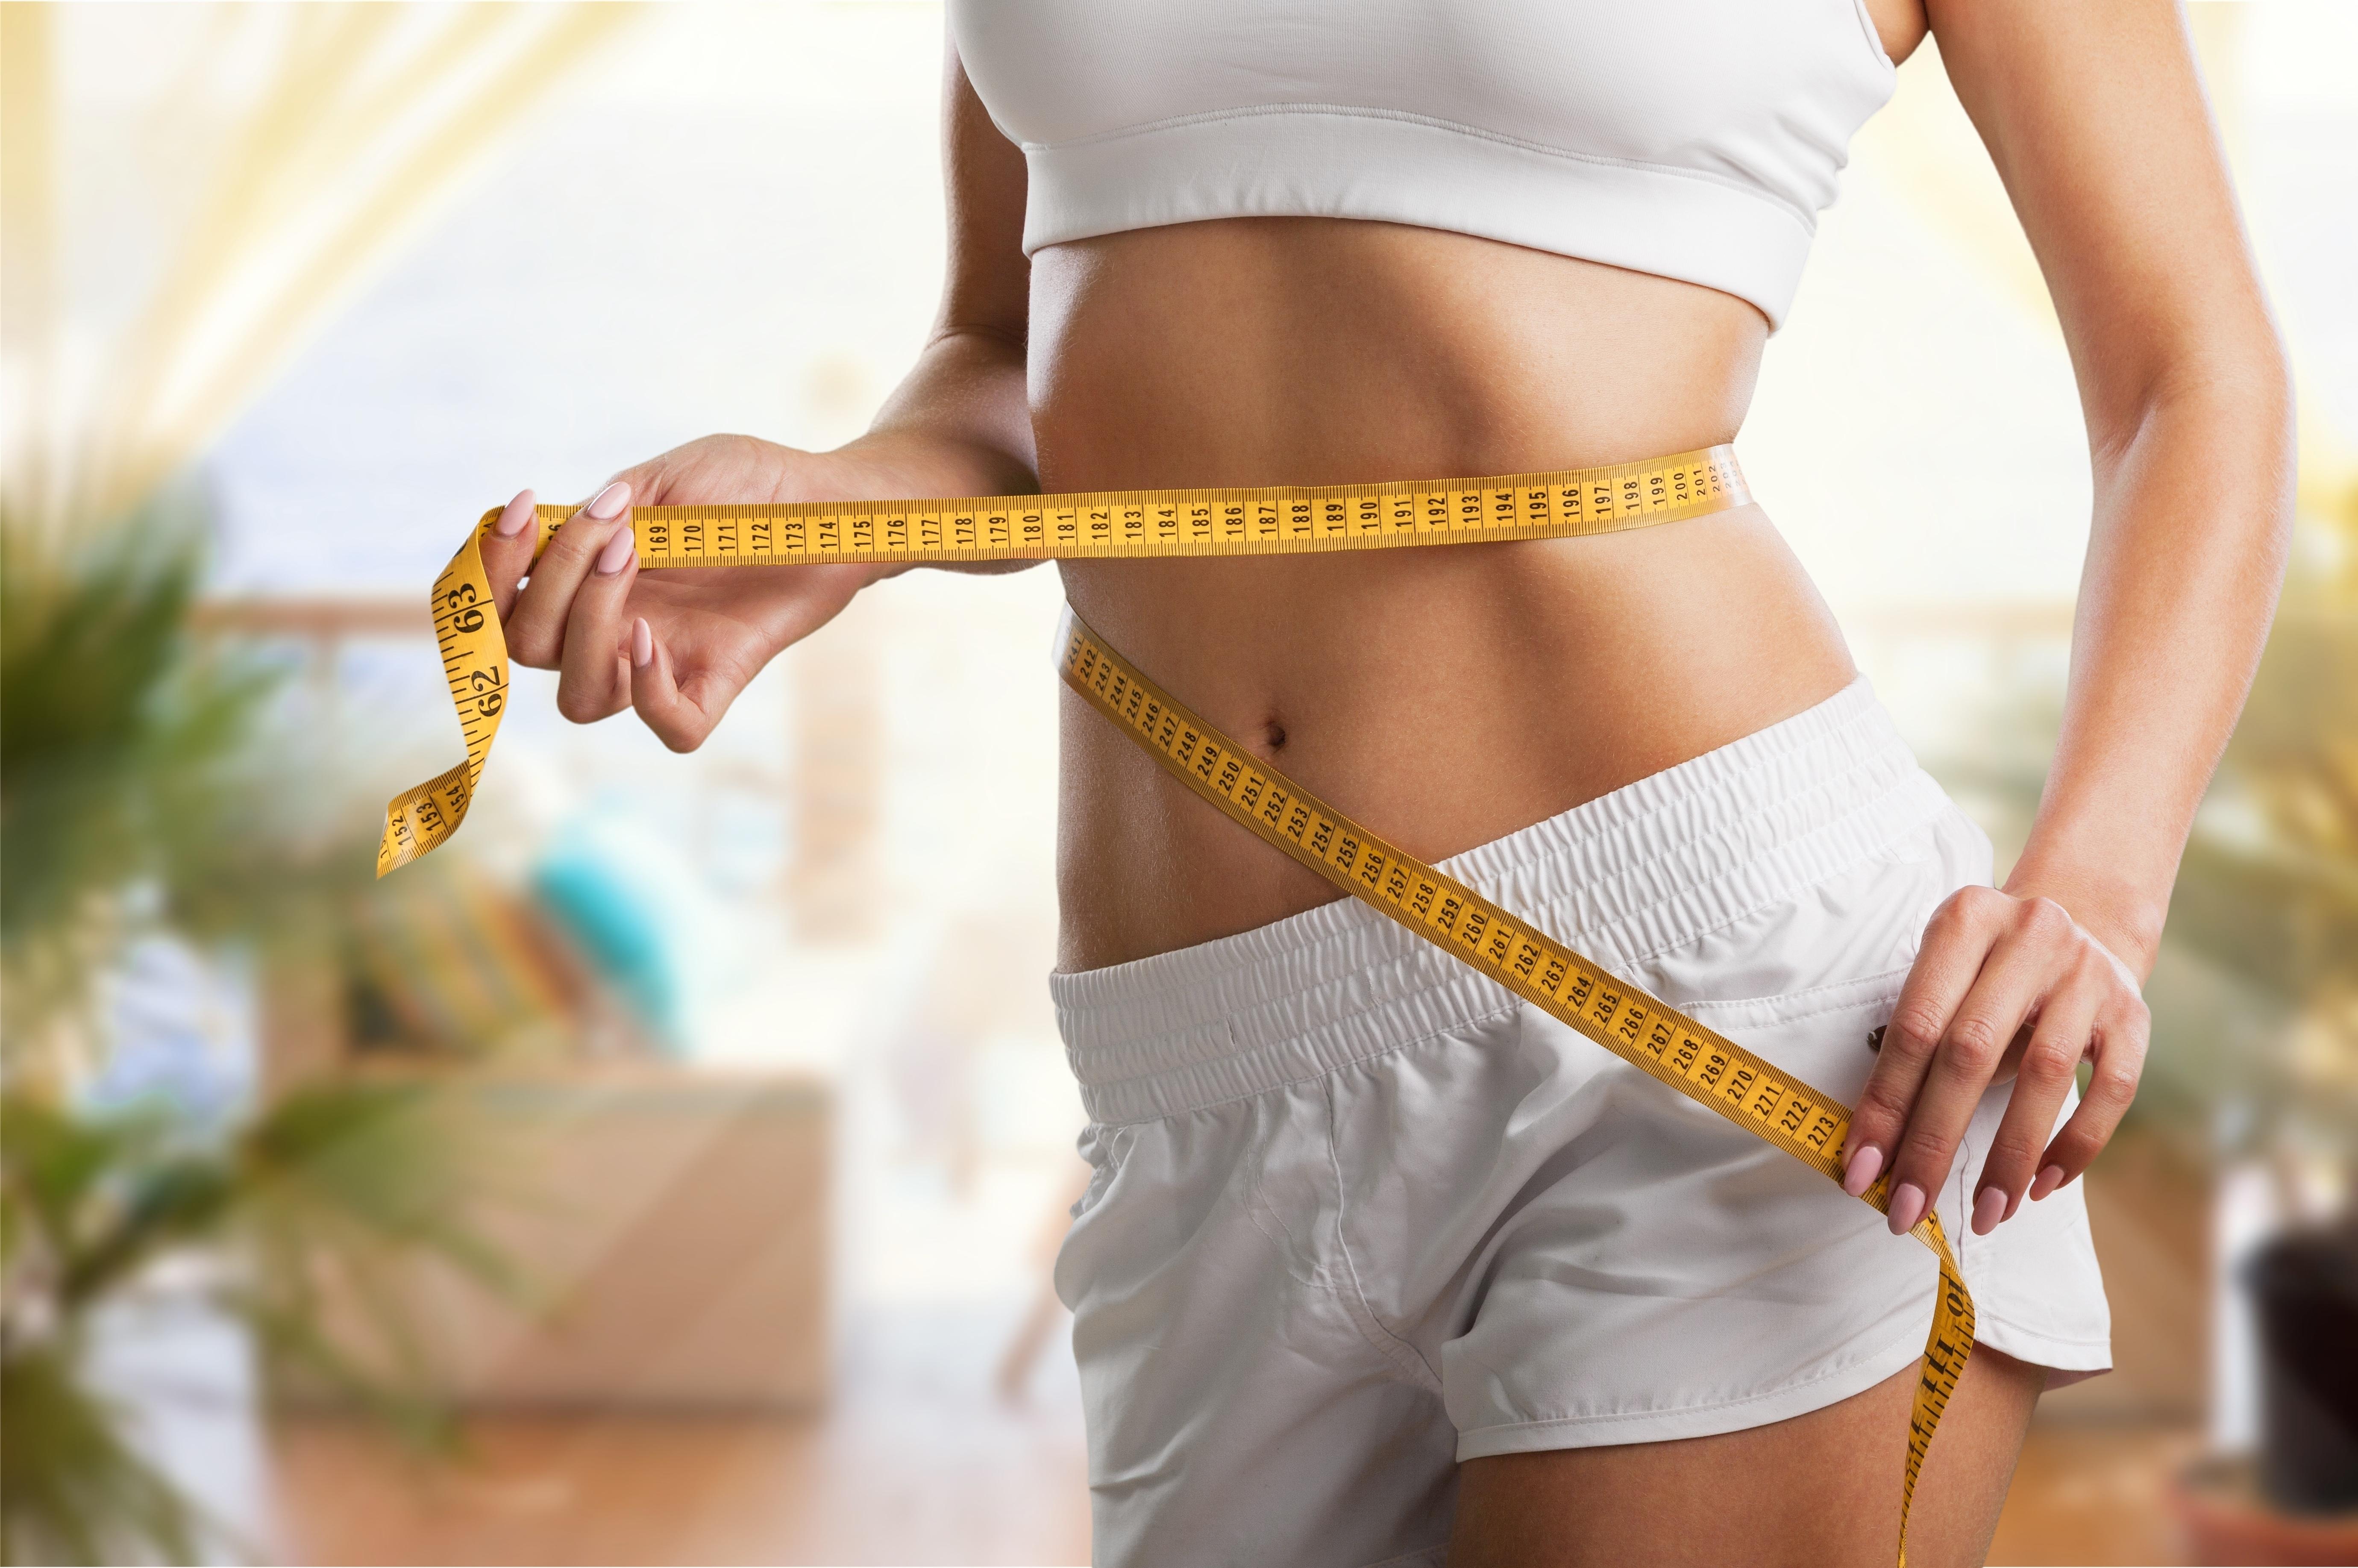 puteți pierde centimetri, dar nu greutate